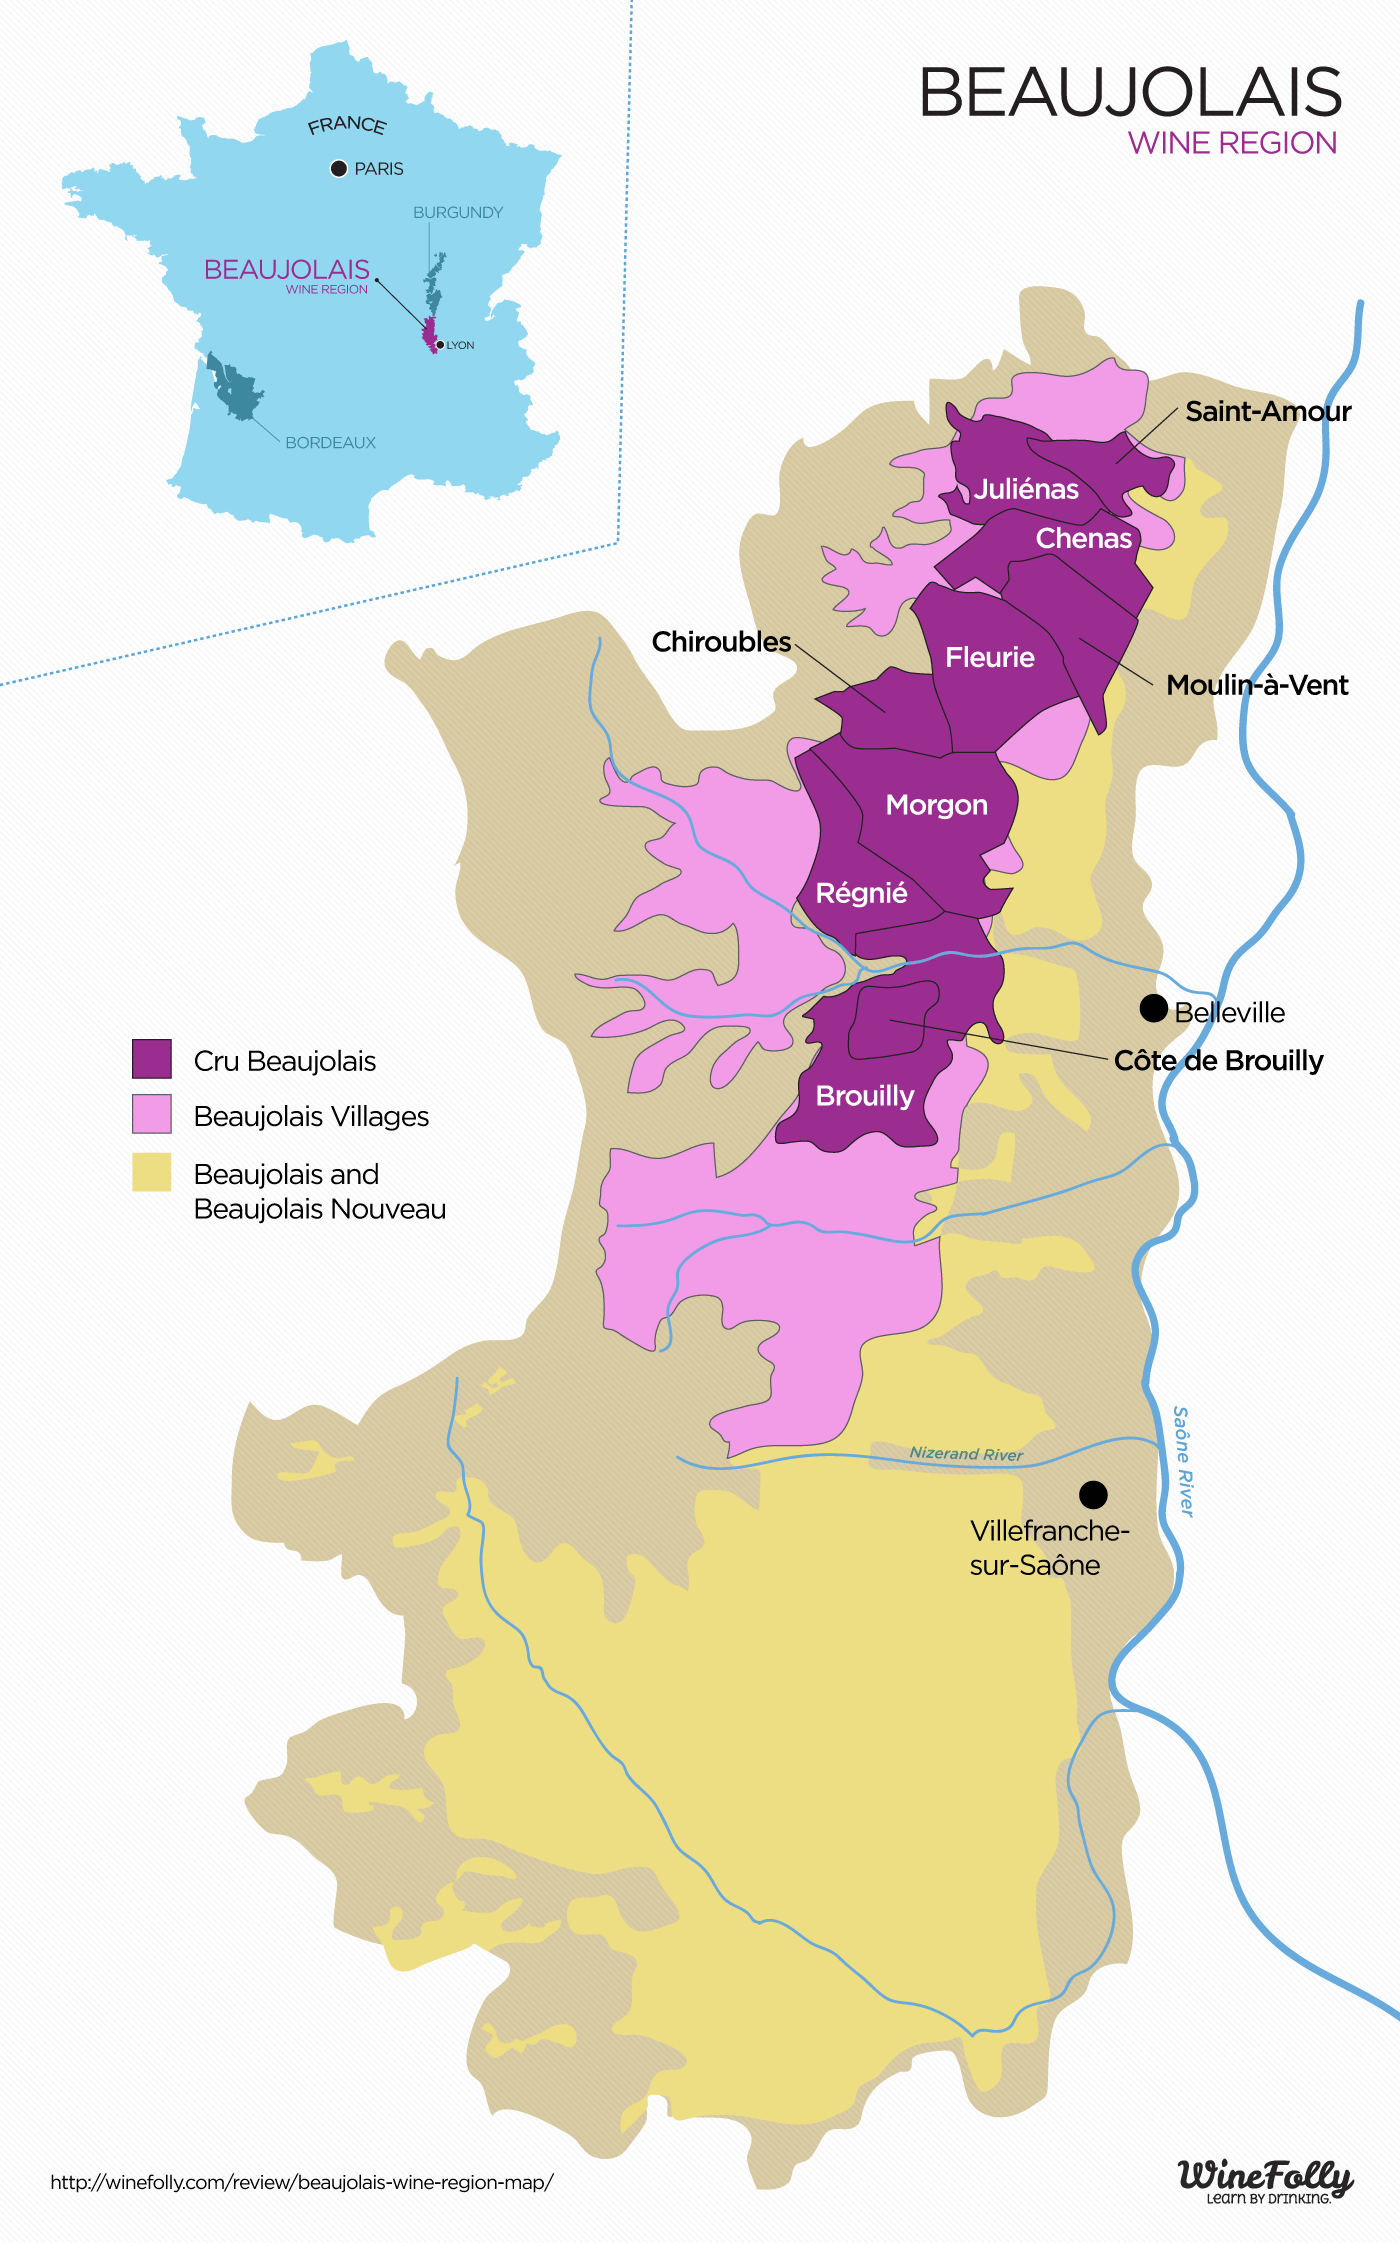 The Beaujolais